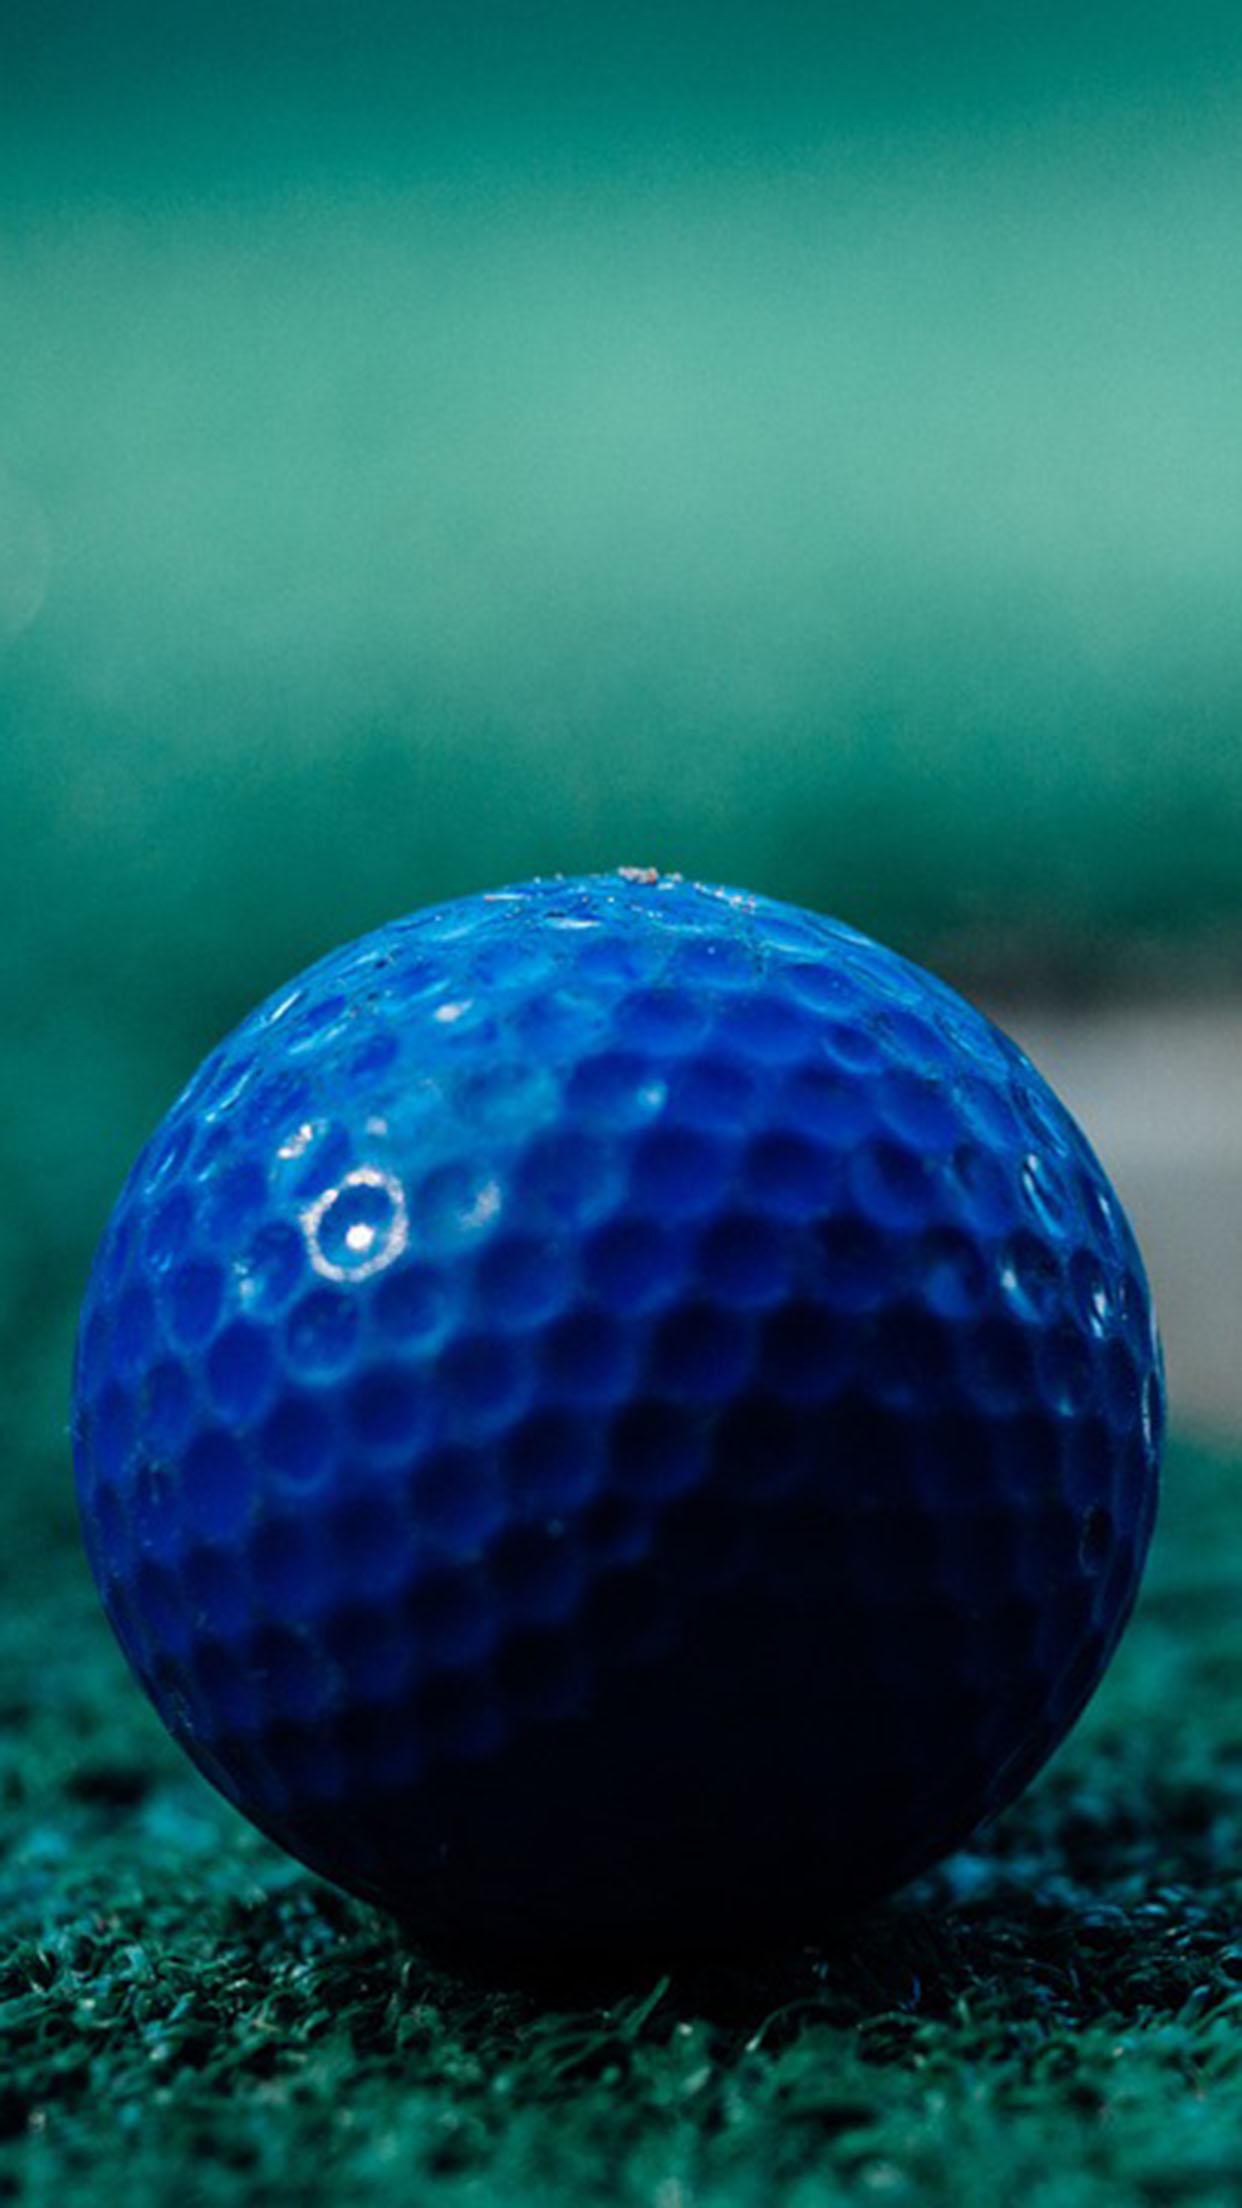 Golf Golf ball 3Wallpapers iPhone Parallax Golf ball